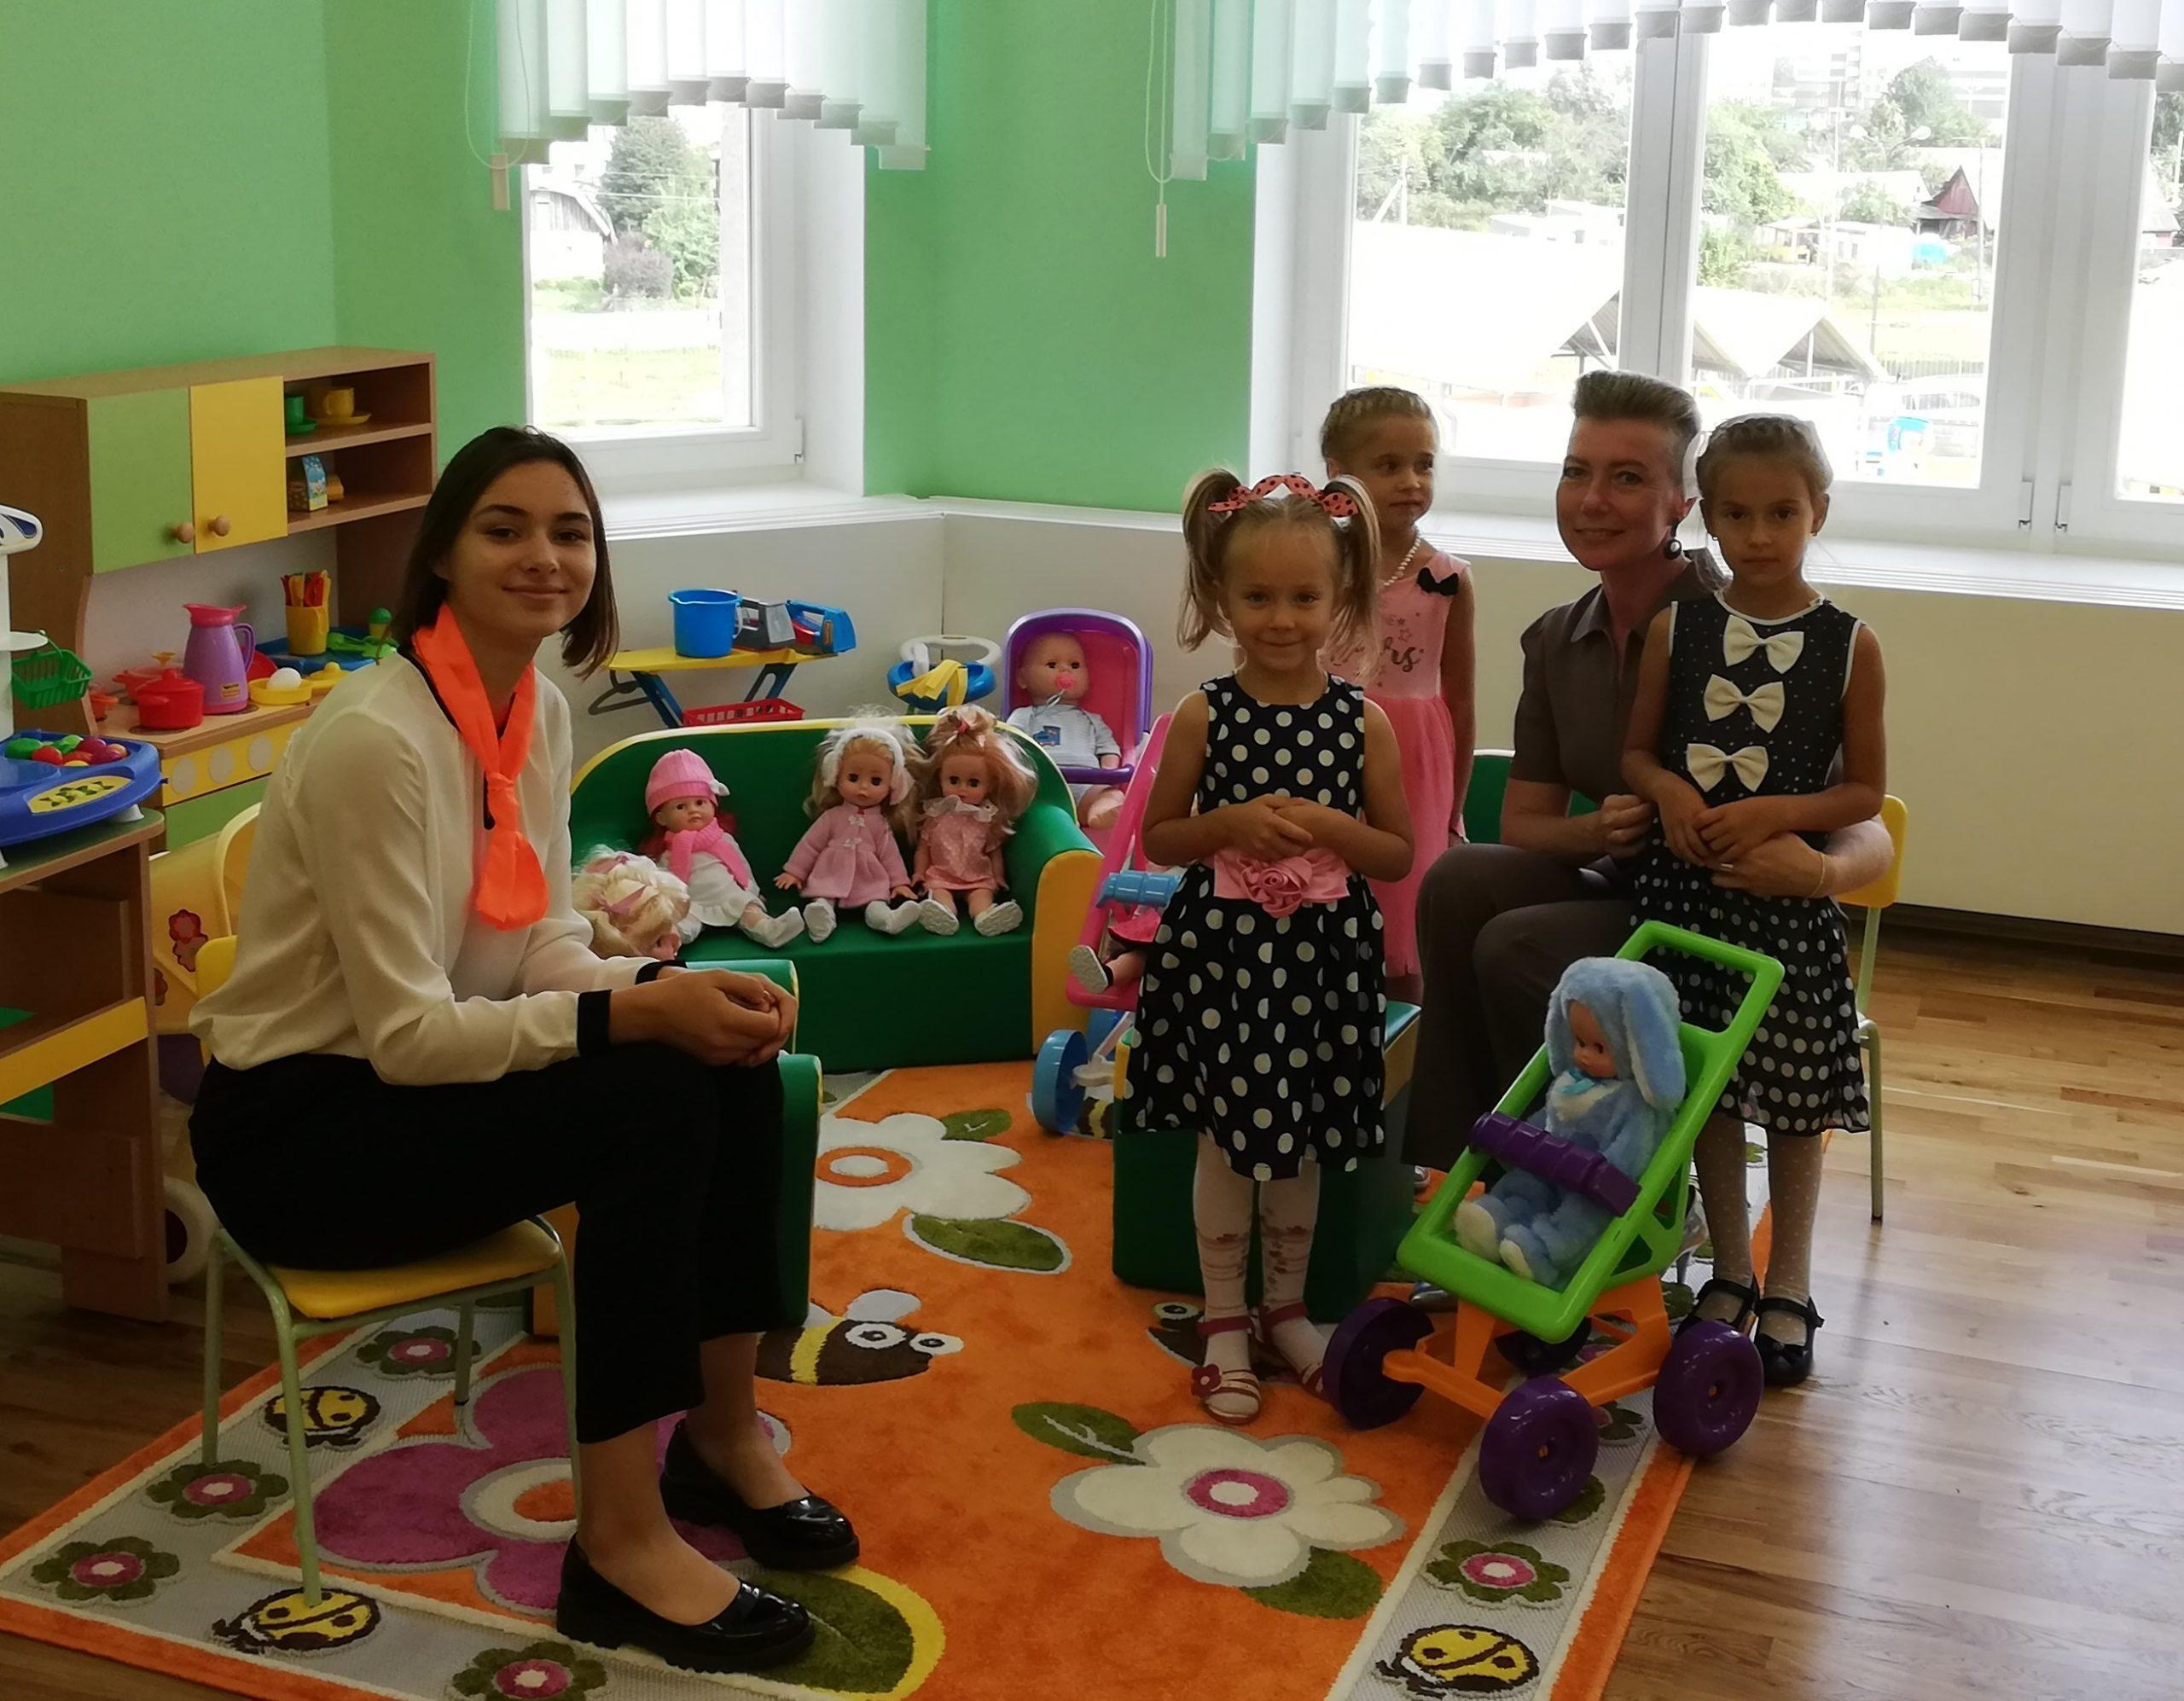 Педагогические классы гимназии №20 участвовали в открытии нового детского сада